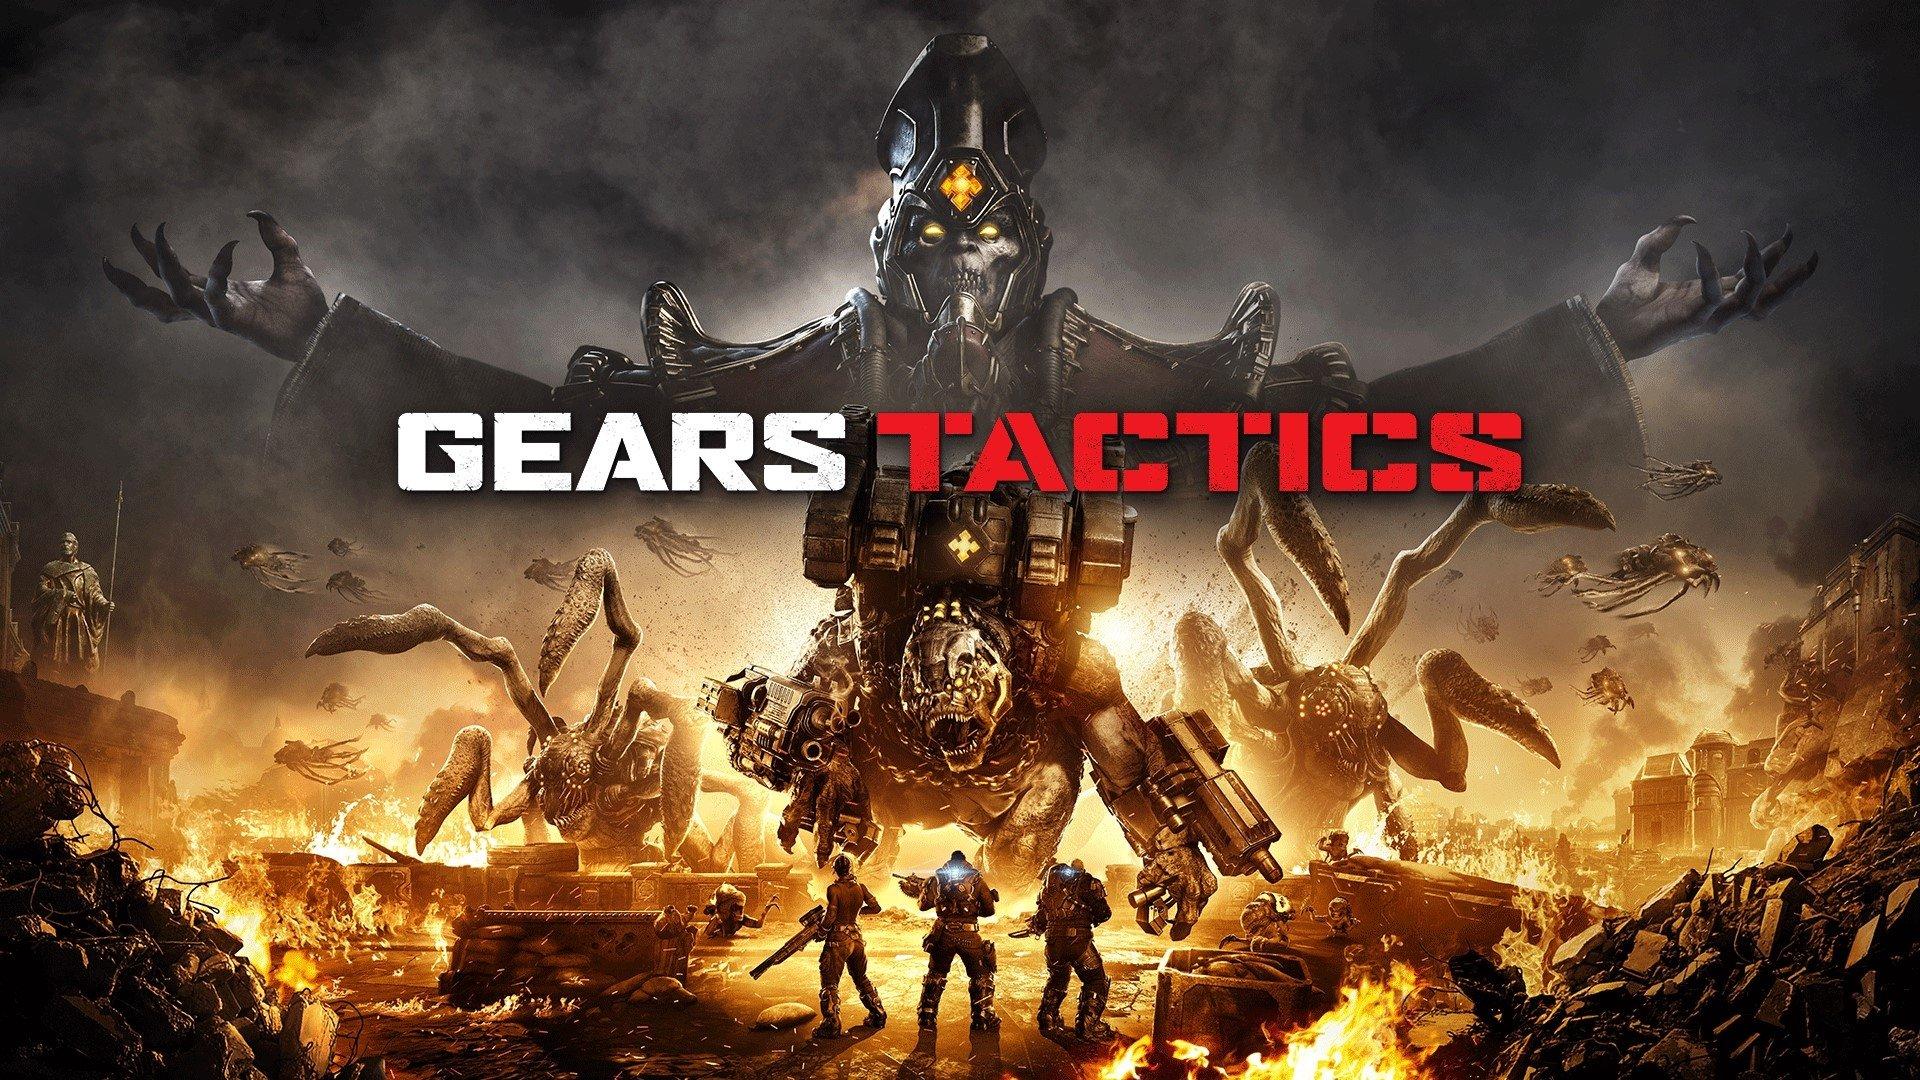 Gears of Tactics